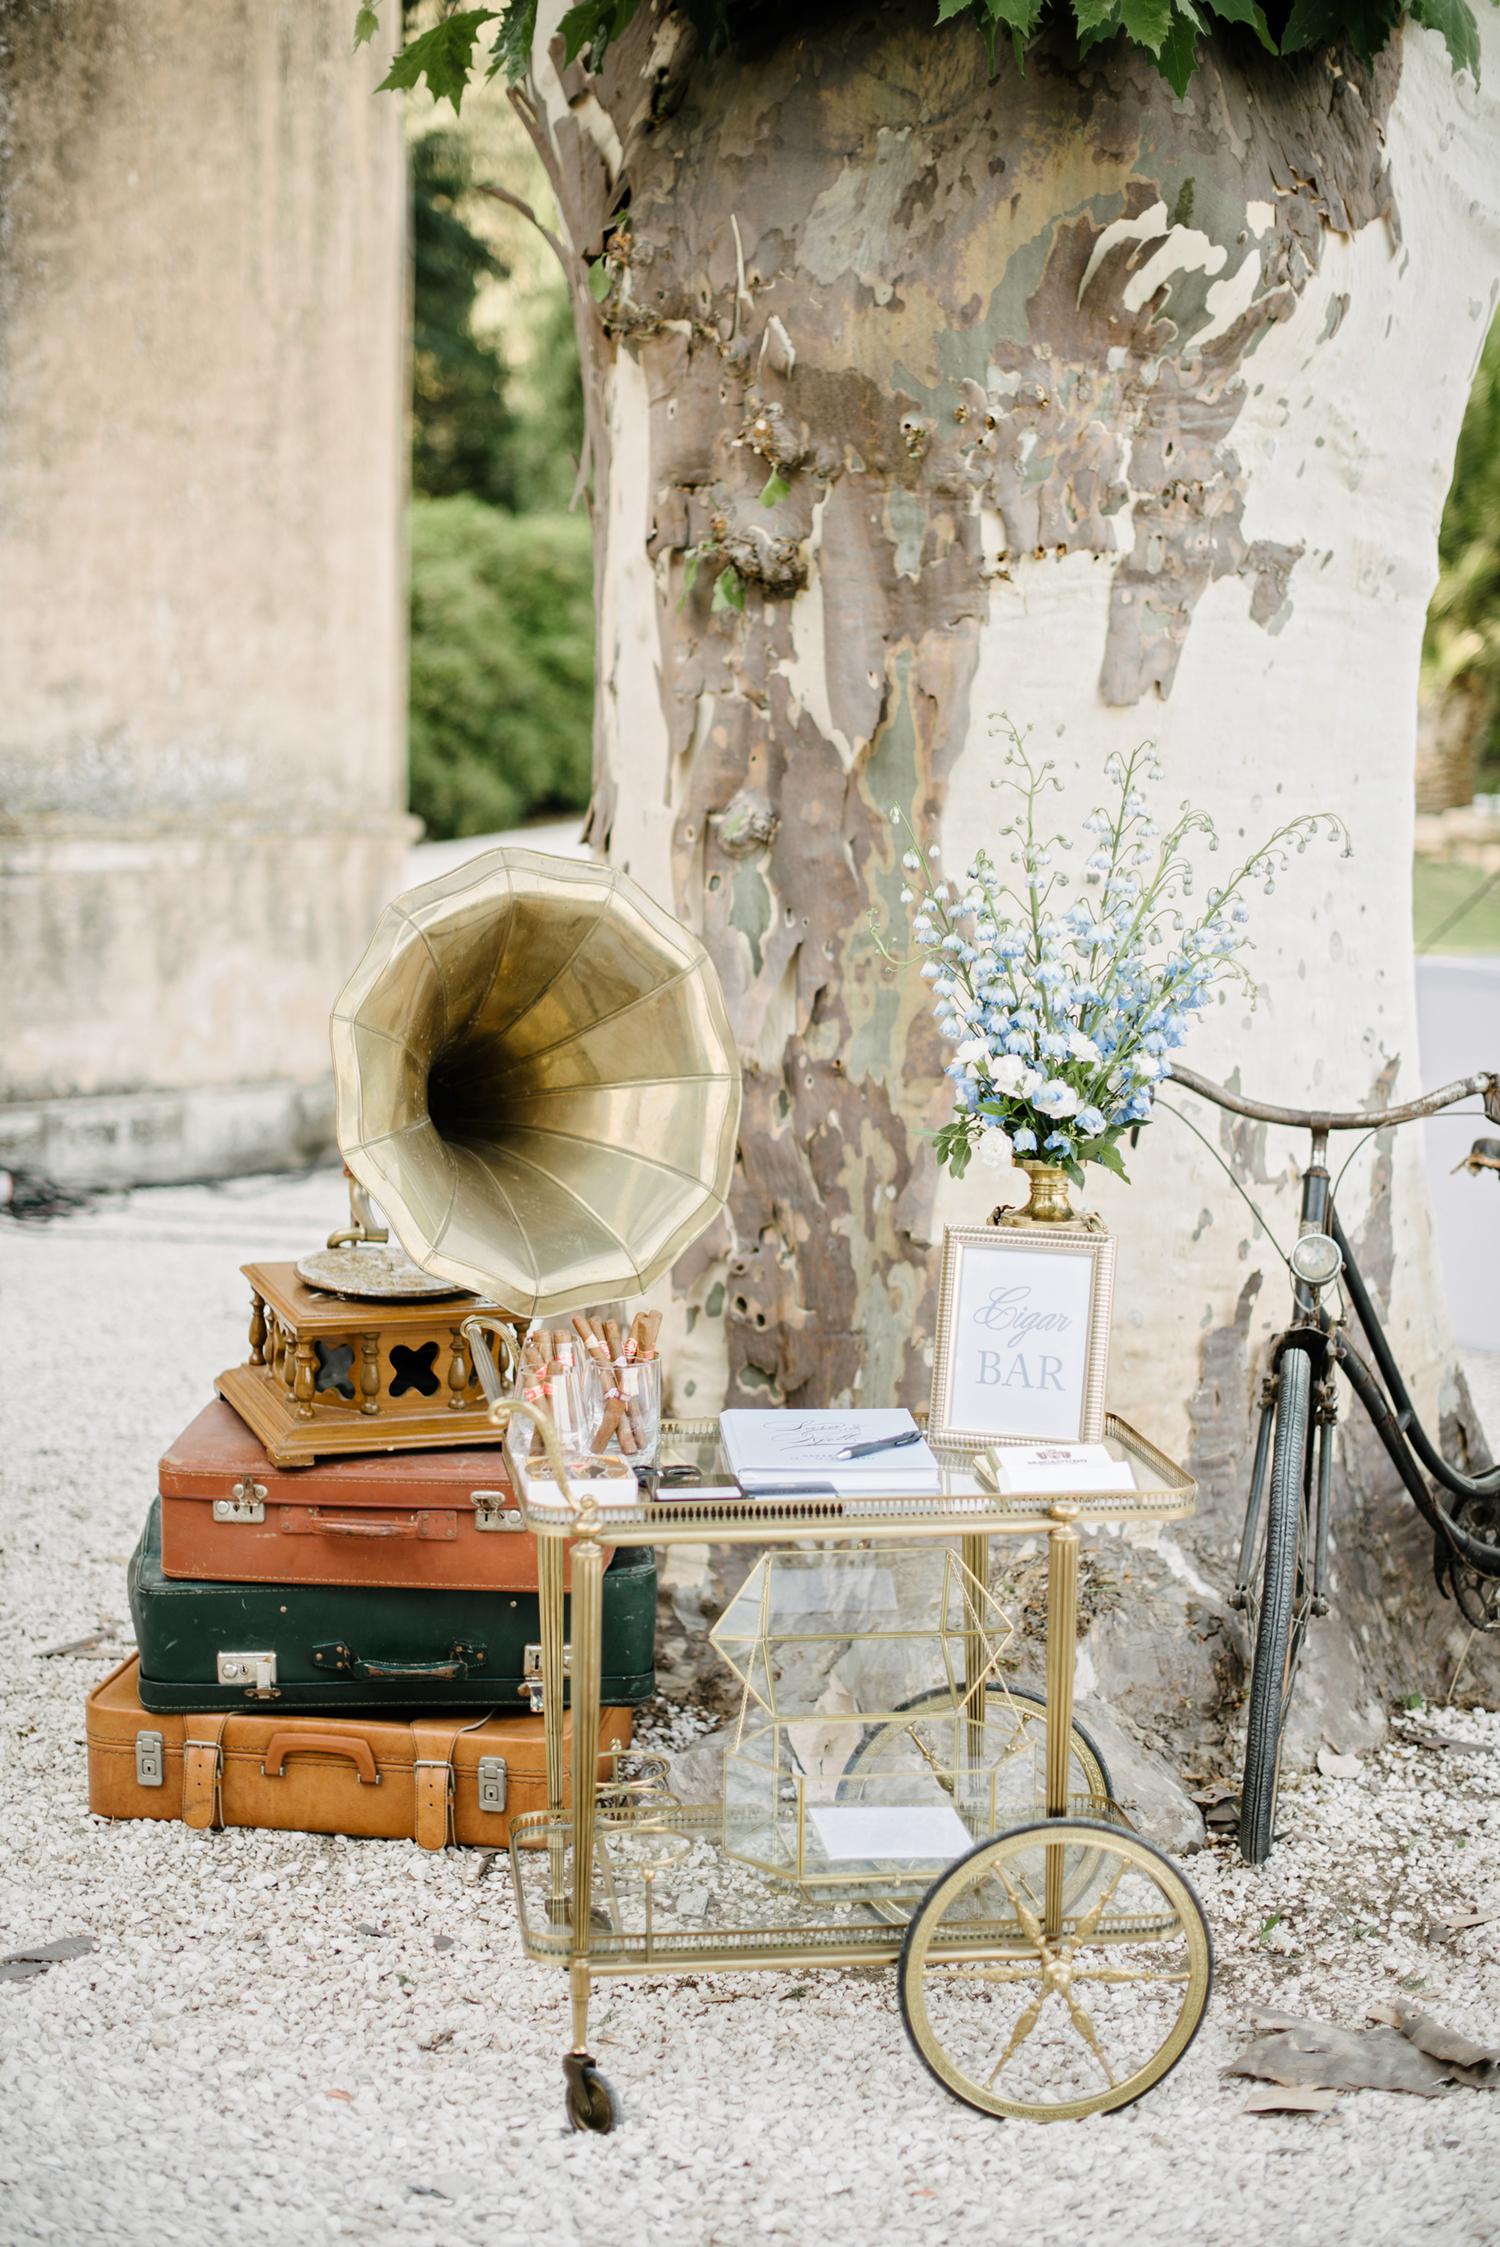 Chateau-Robernier-Wedding-Photography-0040.jpg